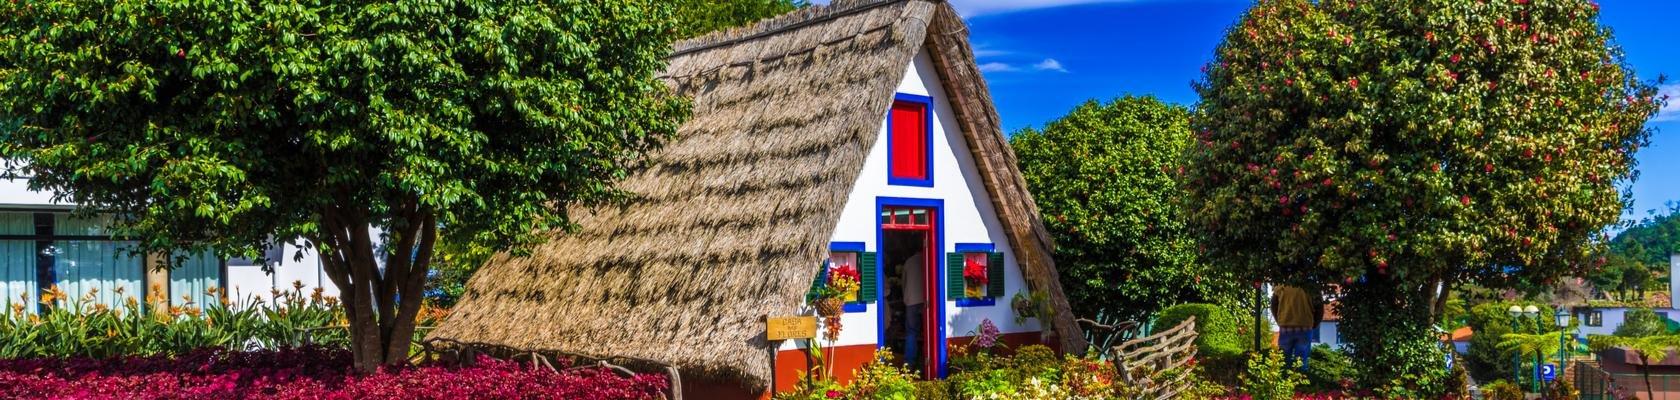 Traditionele huisjes in Santana